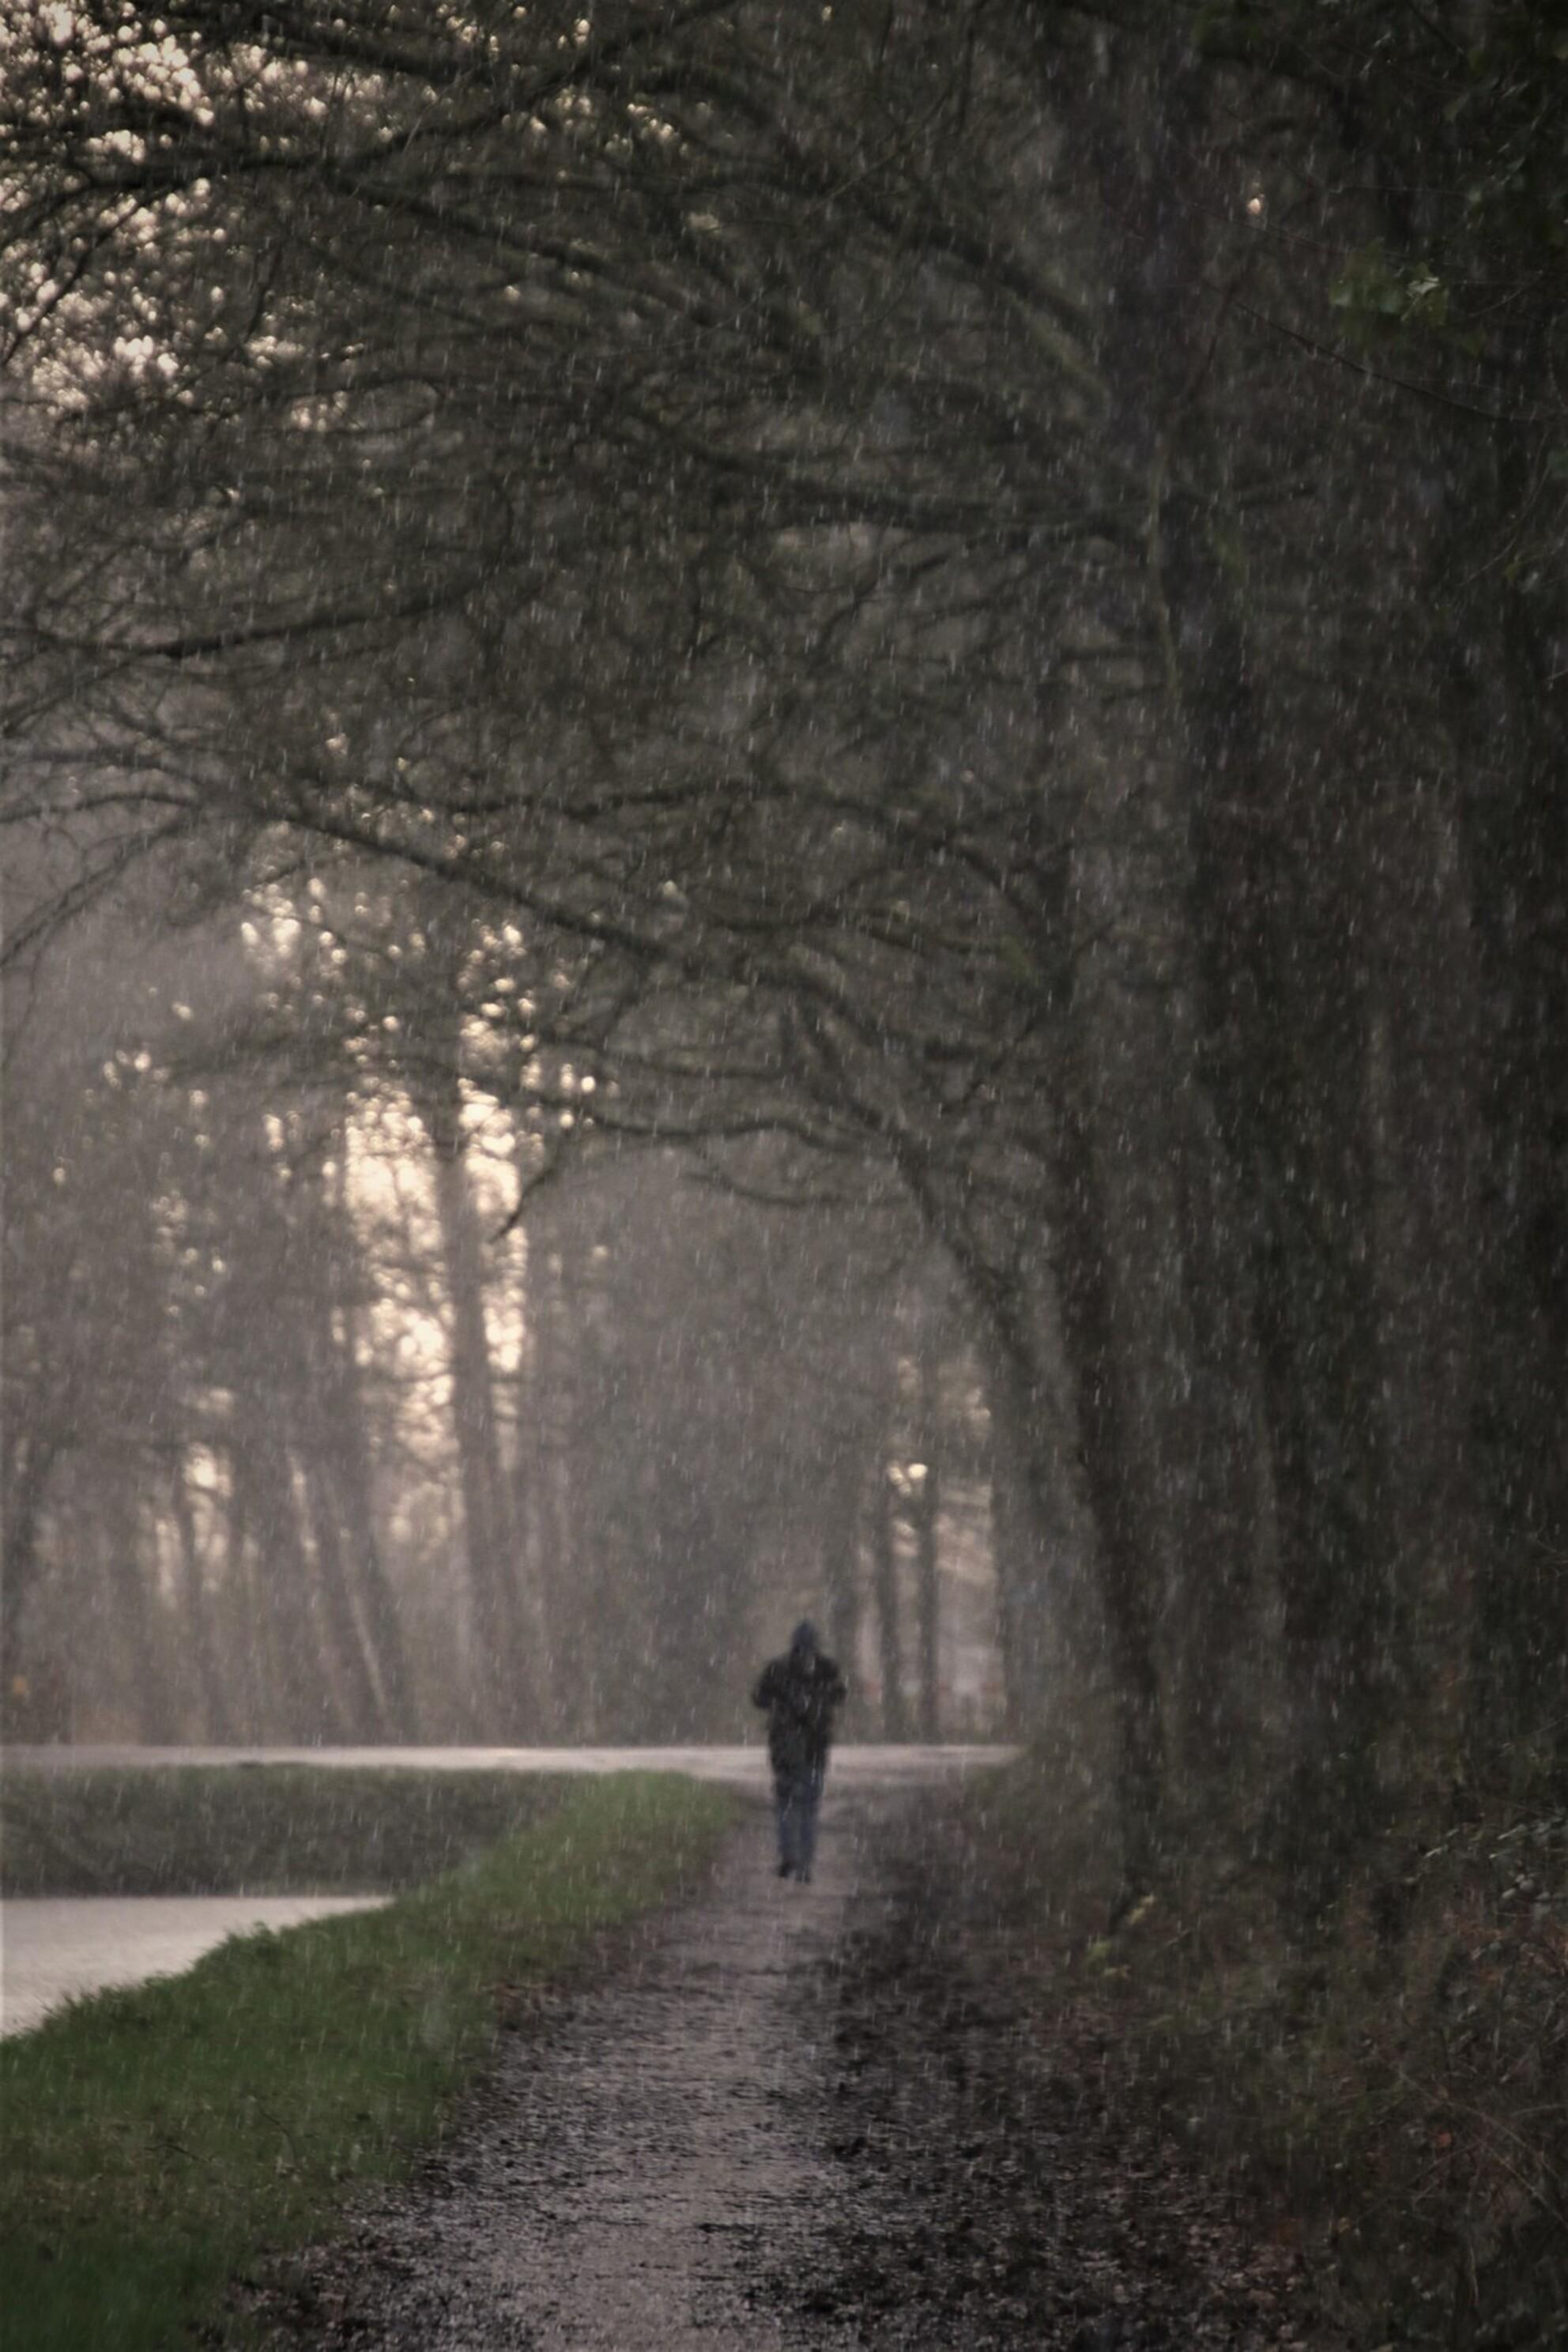 hagelbui - wandelaar in een hagelbui  de winter in alle facetten 18-1-2020 - foto door mieke58 op 18-01-2020 - deze foto bevat: boom, water, natuur, druppel, winter, ijs, landschap, bos, koud, nederland, hagelbui, wandelaar